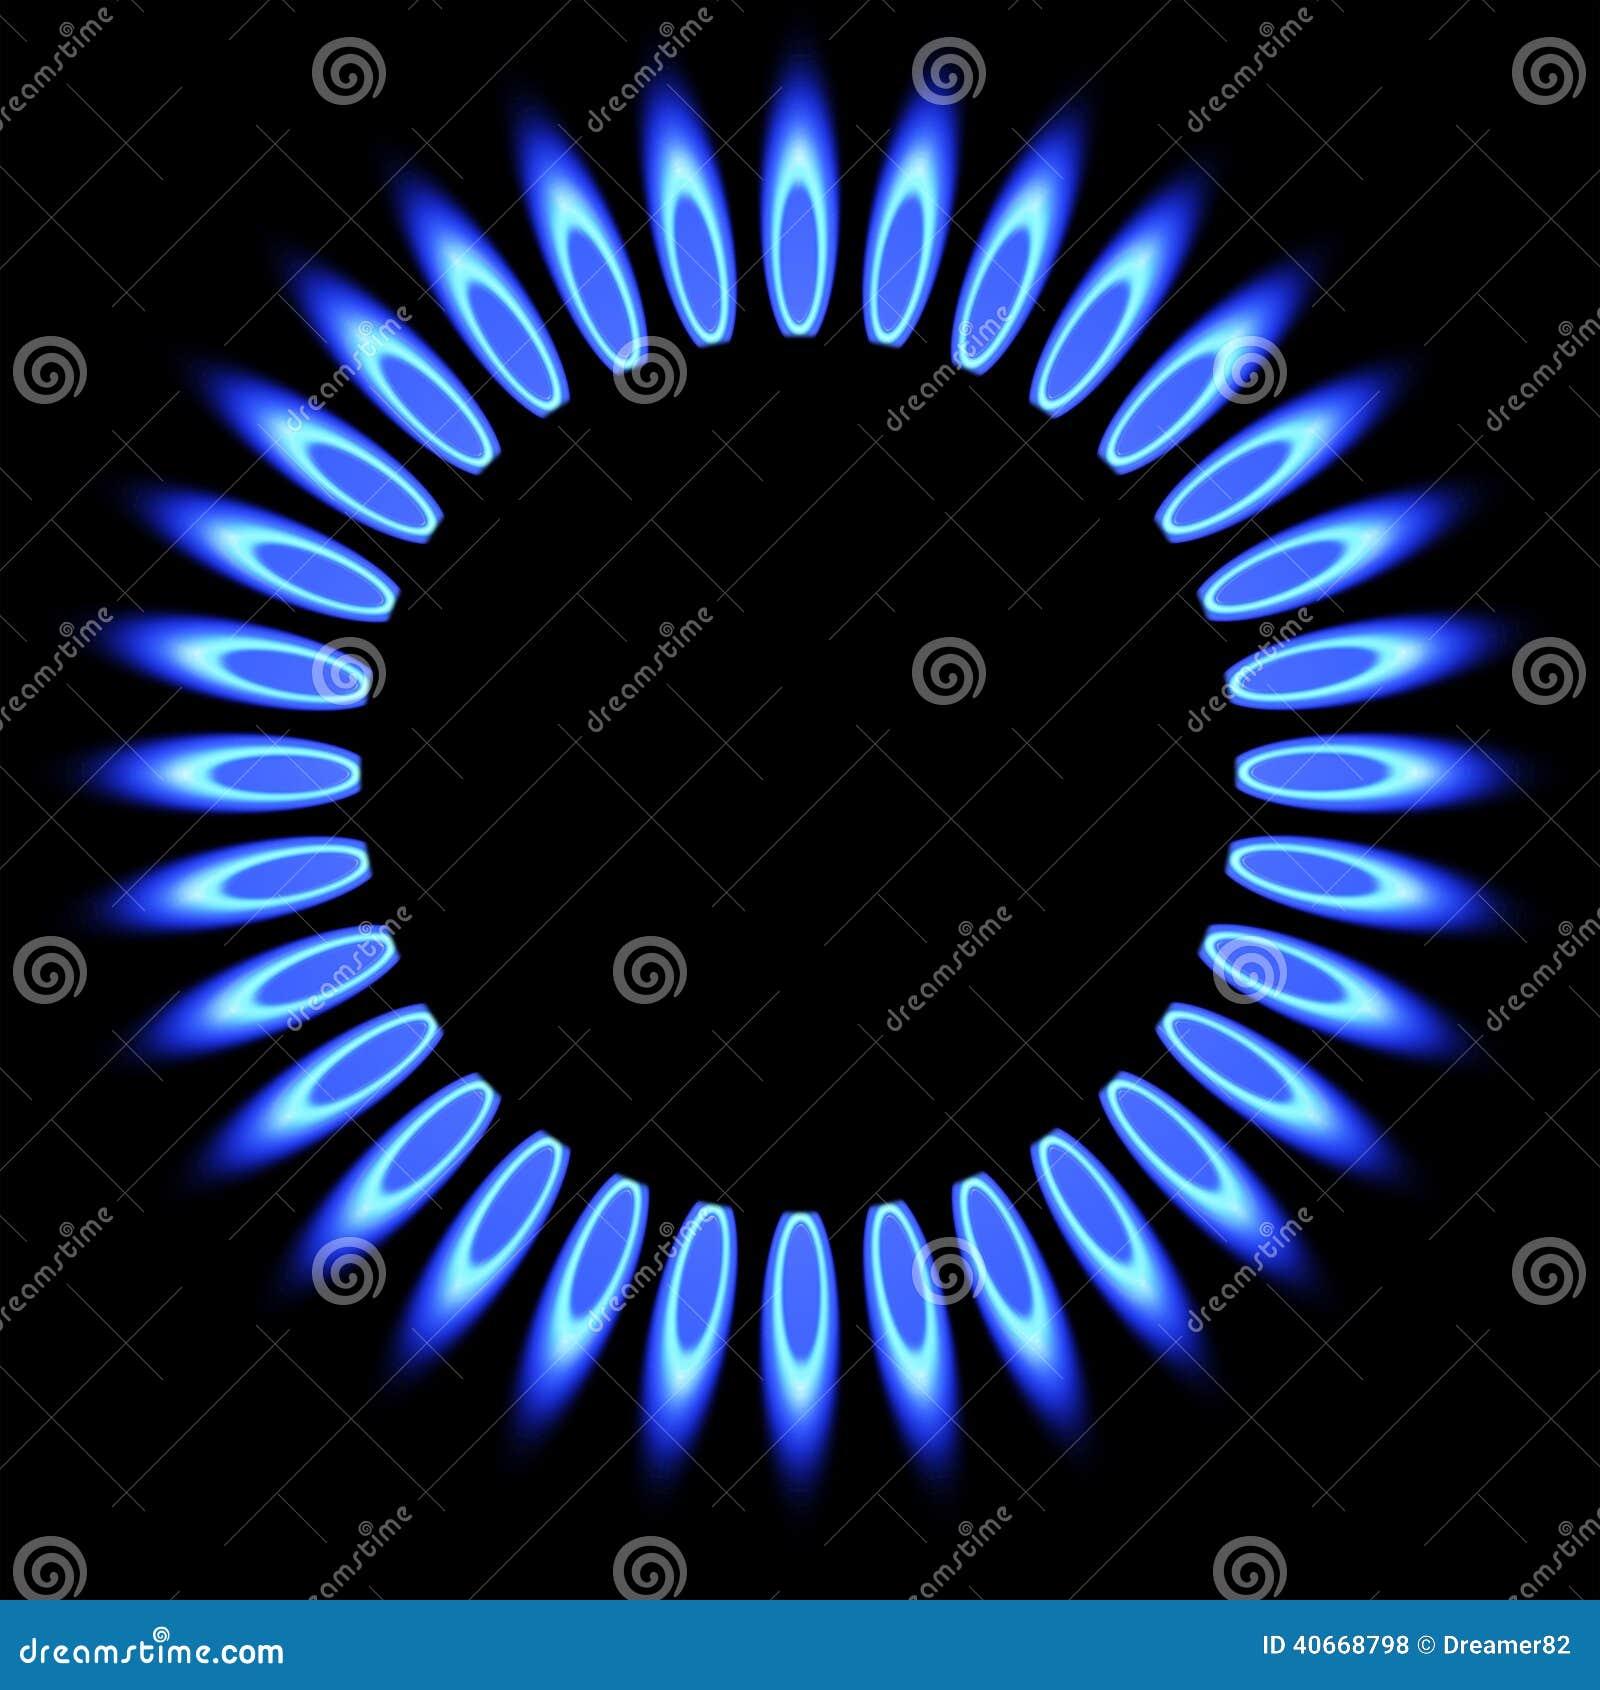 Chama do g s natural queimador do fog o de g s ilustra o for Imagenes de gas natural